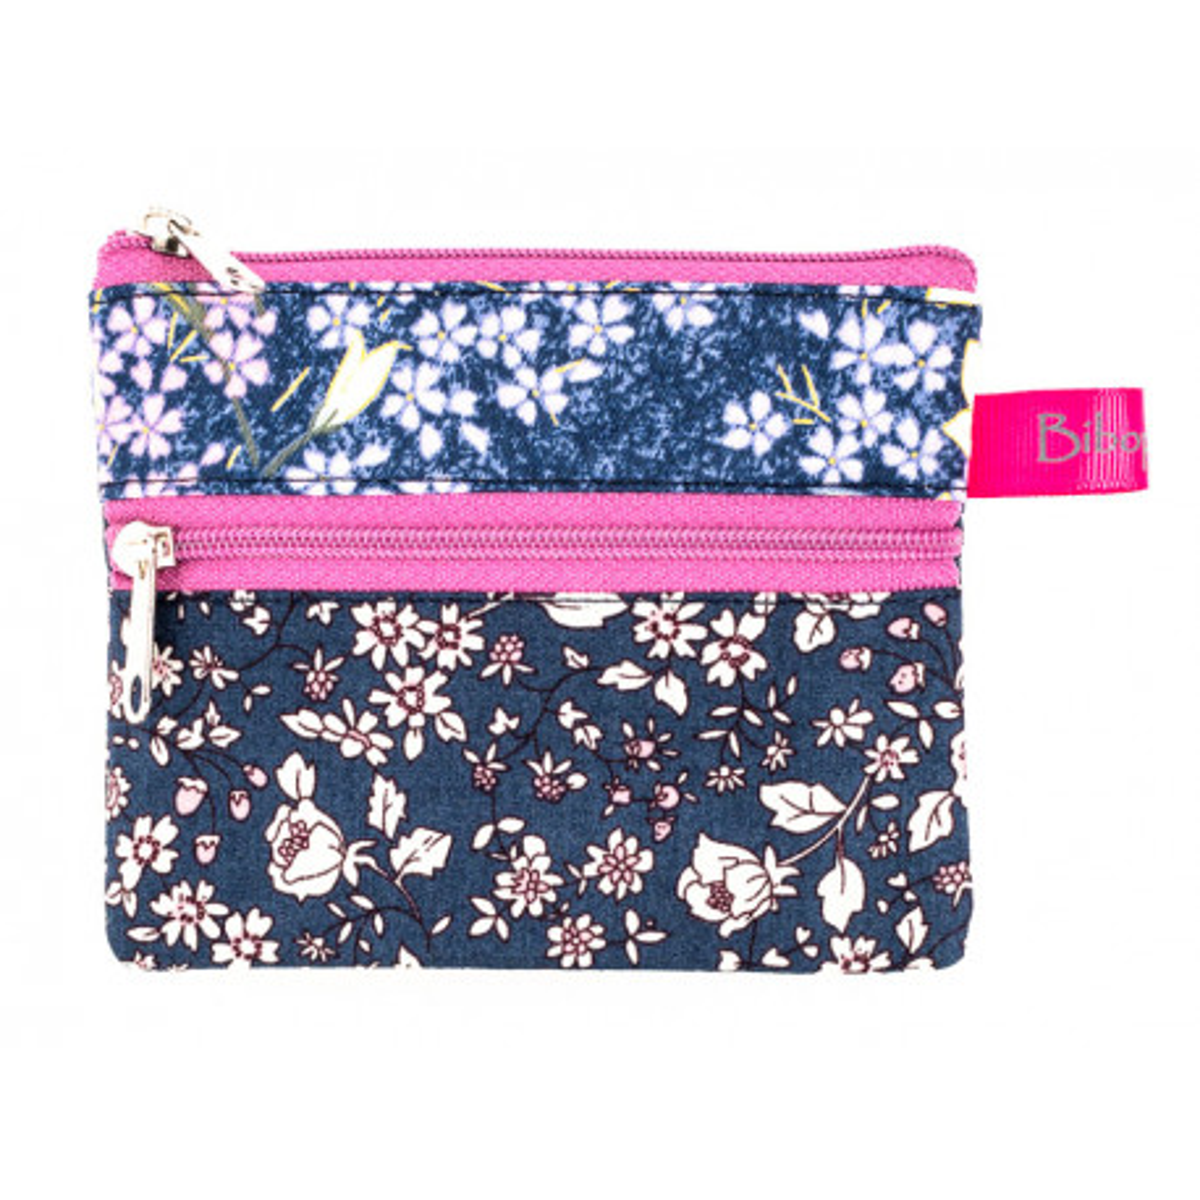 Petit porte-monnaie deux compartiments bleu et rose à fleurs